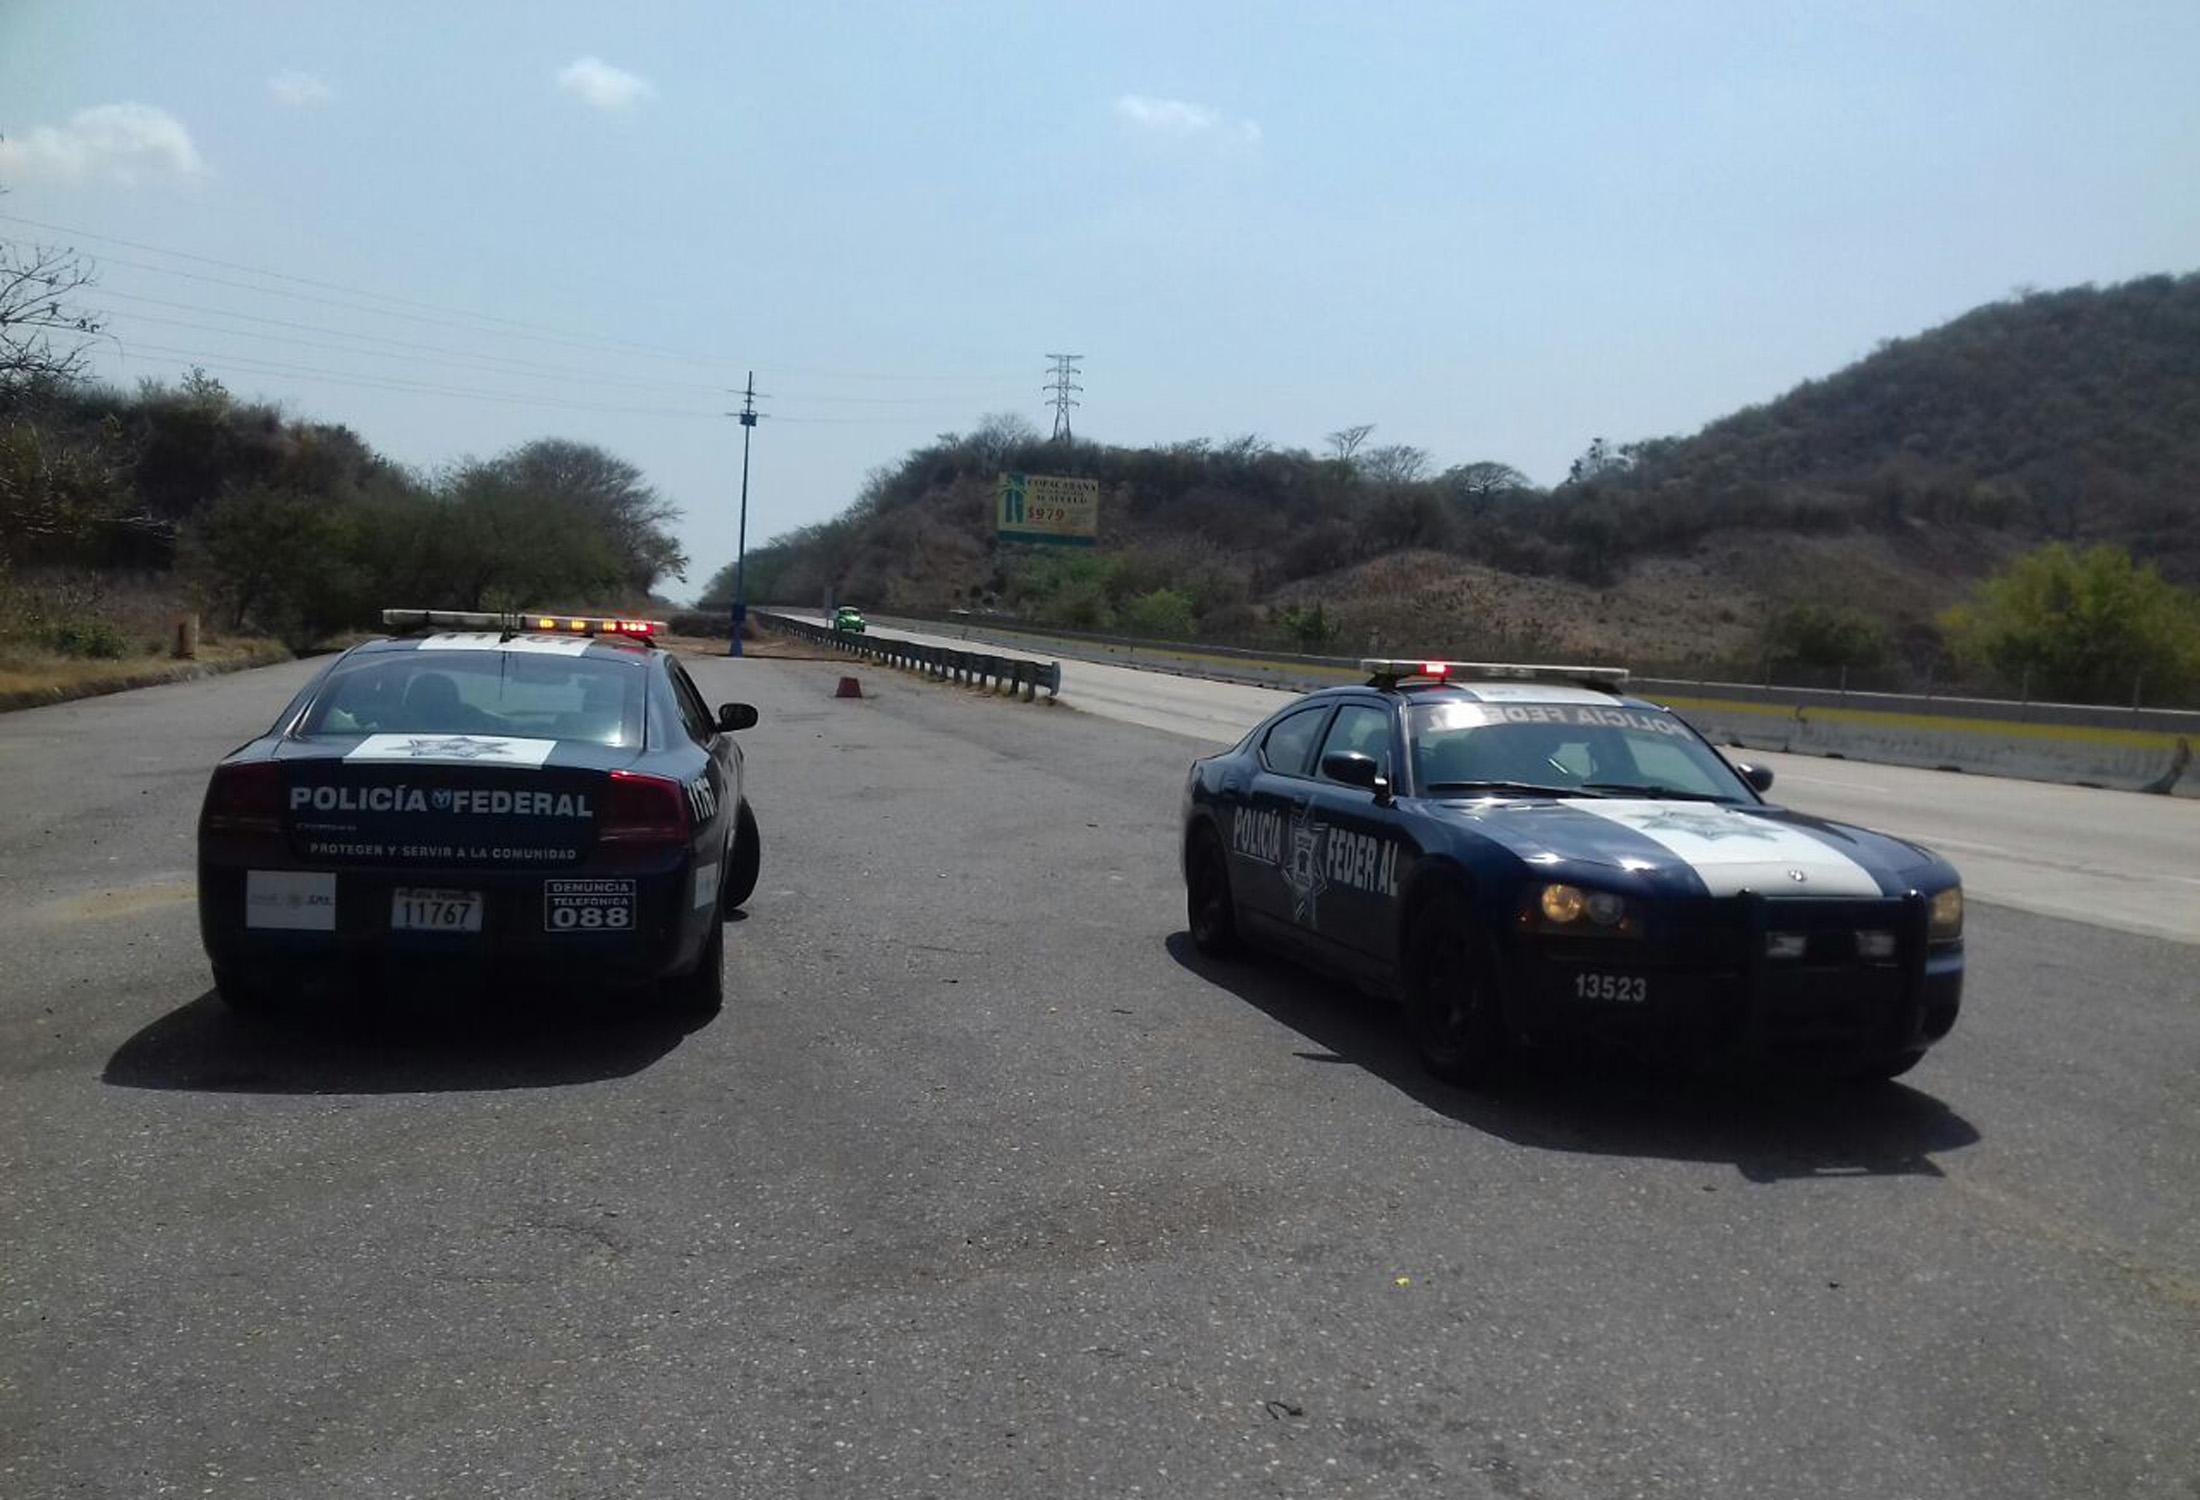 s-patrullas-federales.jpg//Acapulco Gro. 11 de marzo de 2018// Agentes de la Policía Federal y Policía del Estad realizaron un operativo de seguridad para brindar seguridad a los automovilistas en la Autopista del Sol y la carretera federal Chilpancingo – Iguala. Foto: El Sur.